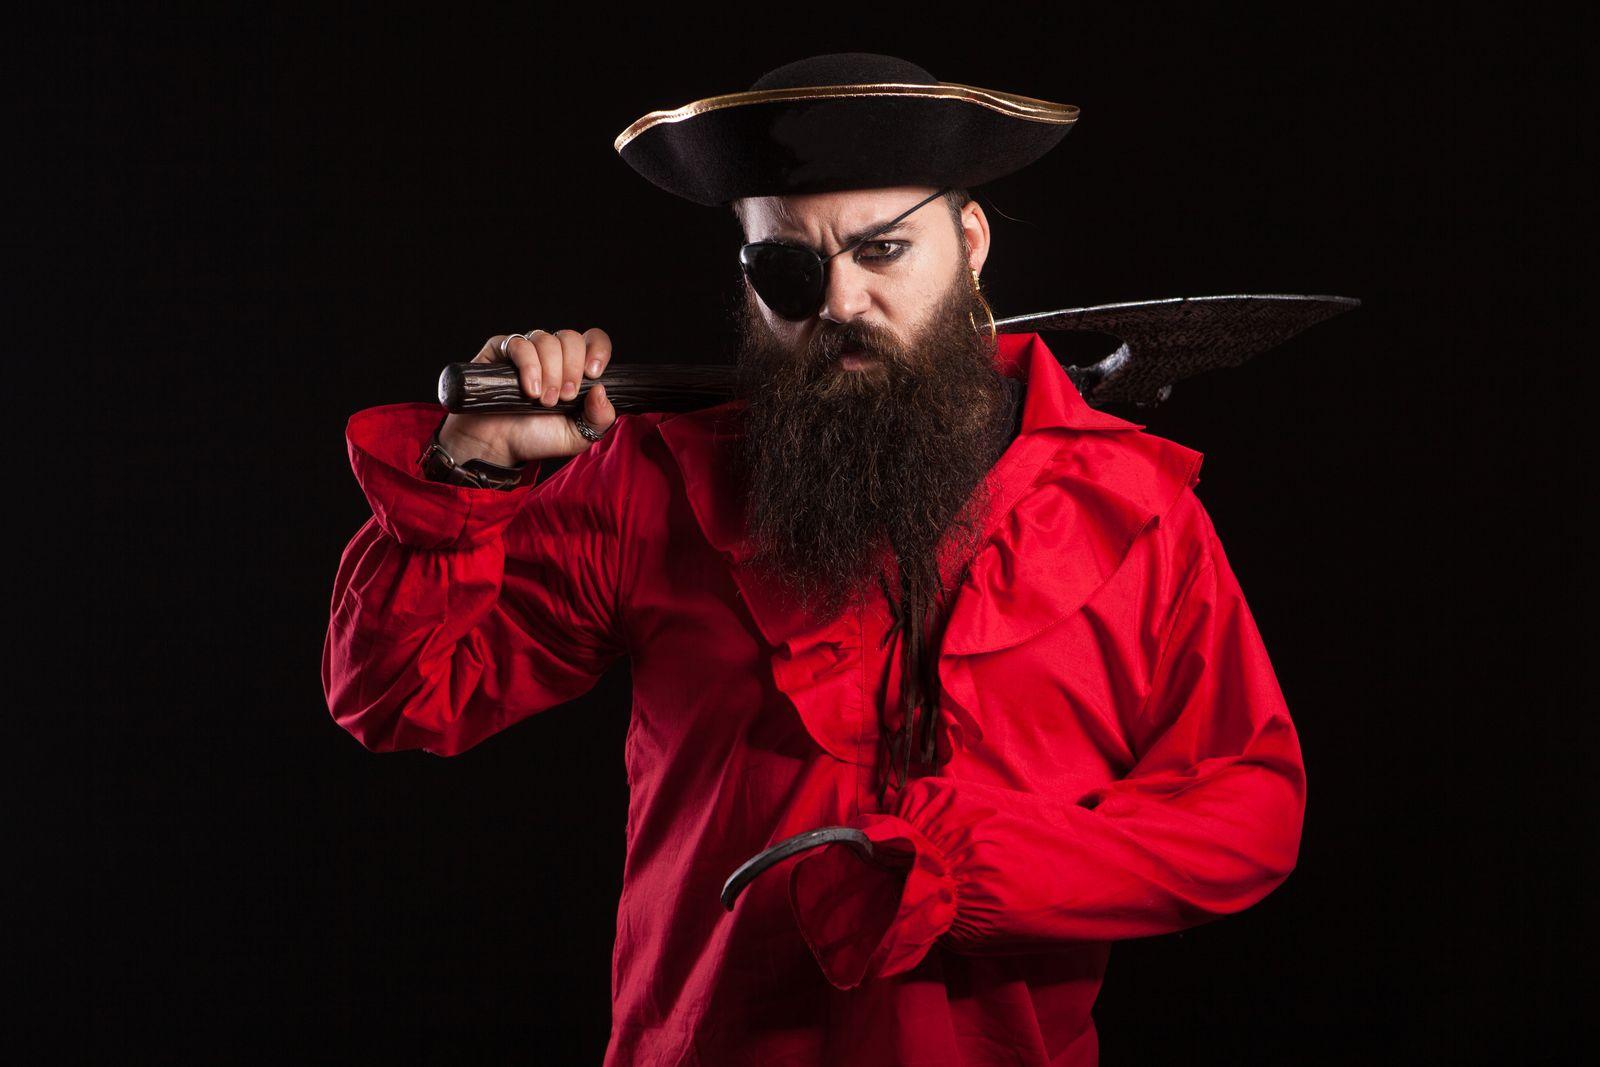 E AN ARRRGMAZING PIRATE 101 Pirate Conquest